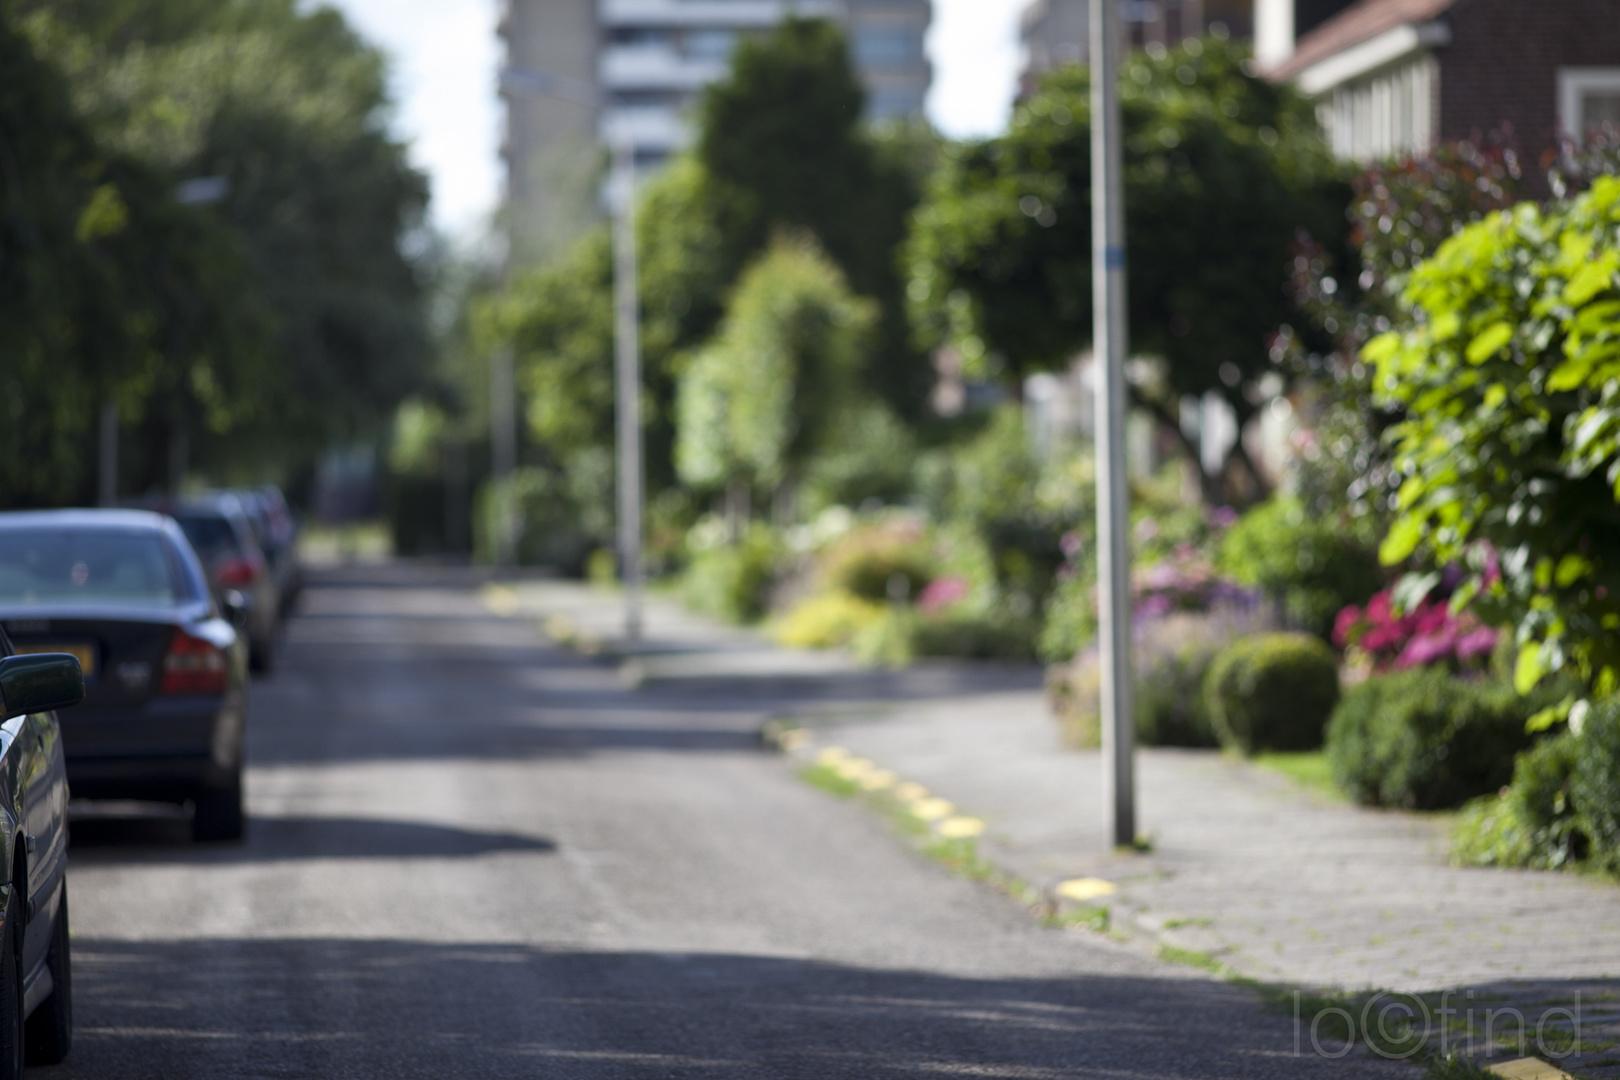 STREET_2_UITHOORN_200MM-11.jpg